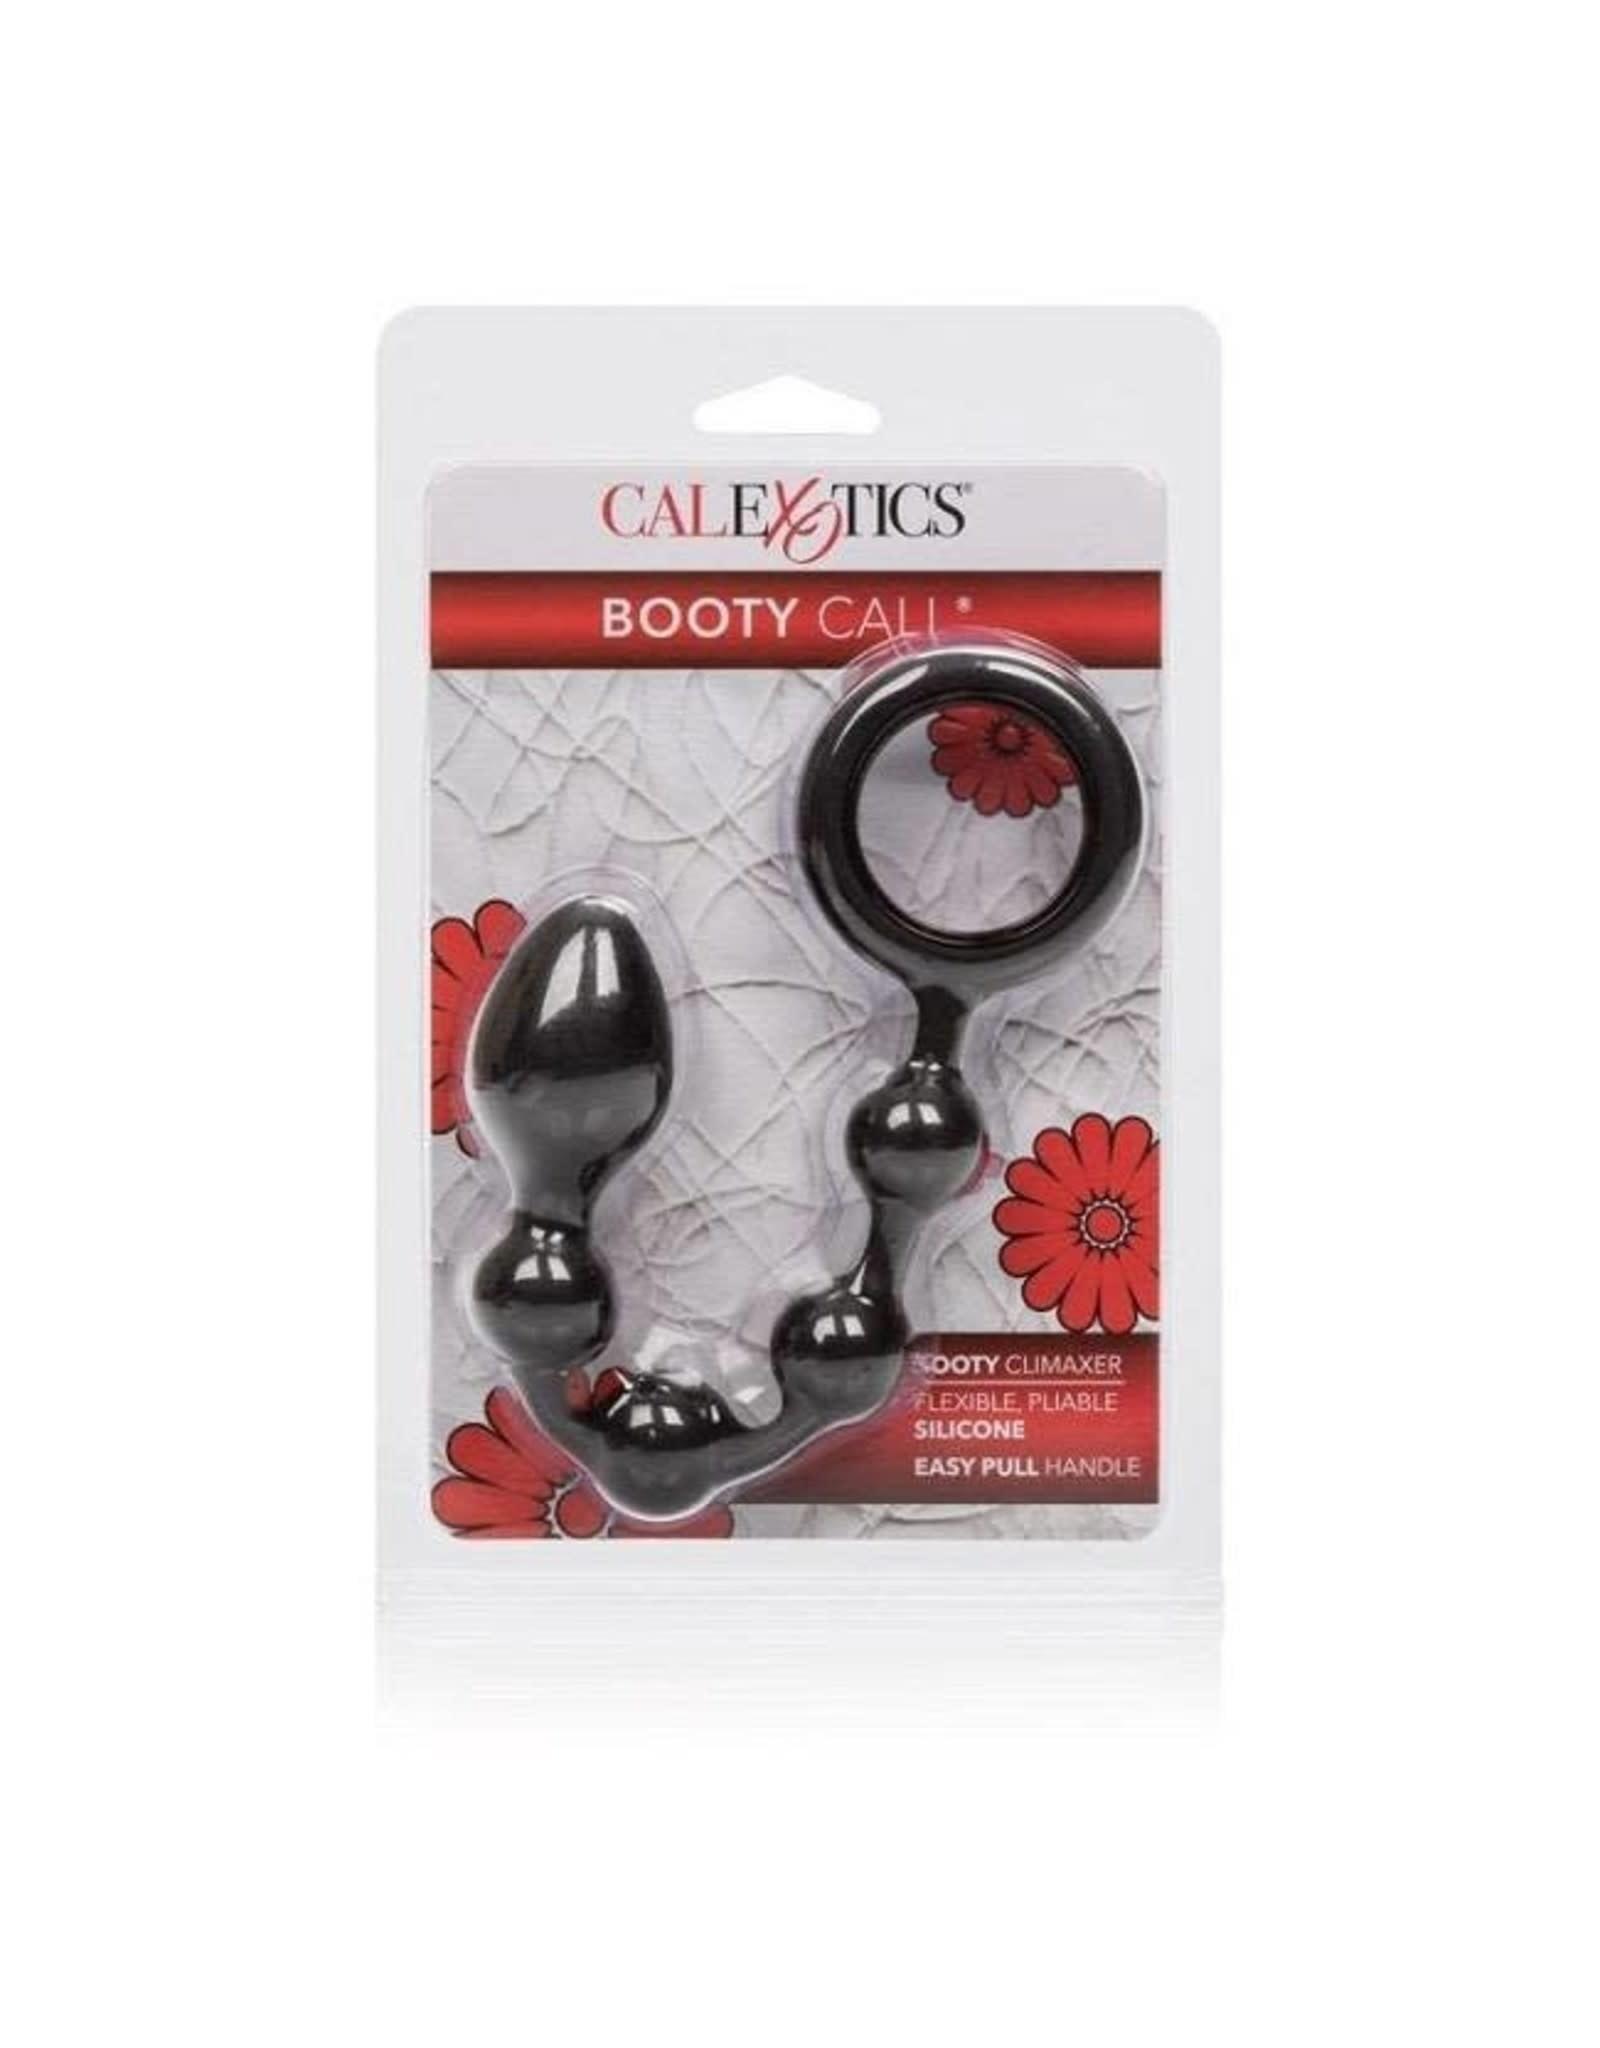 CALEXOTICS CALEXOTICS - BOOTY CALL BOOTY CLIMAXER - BLACK